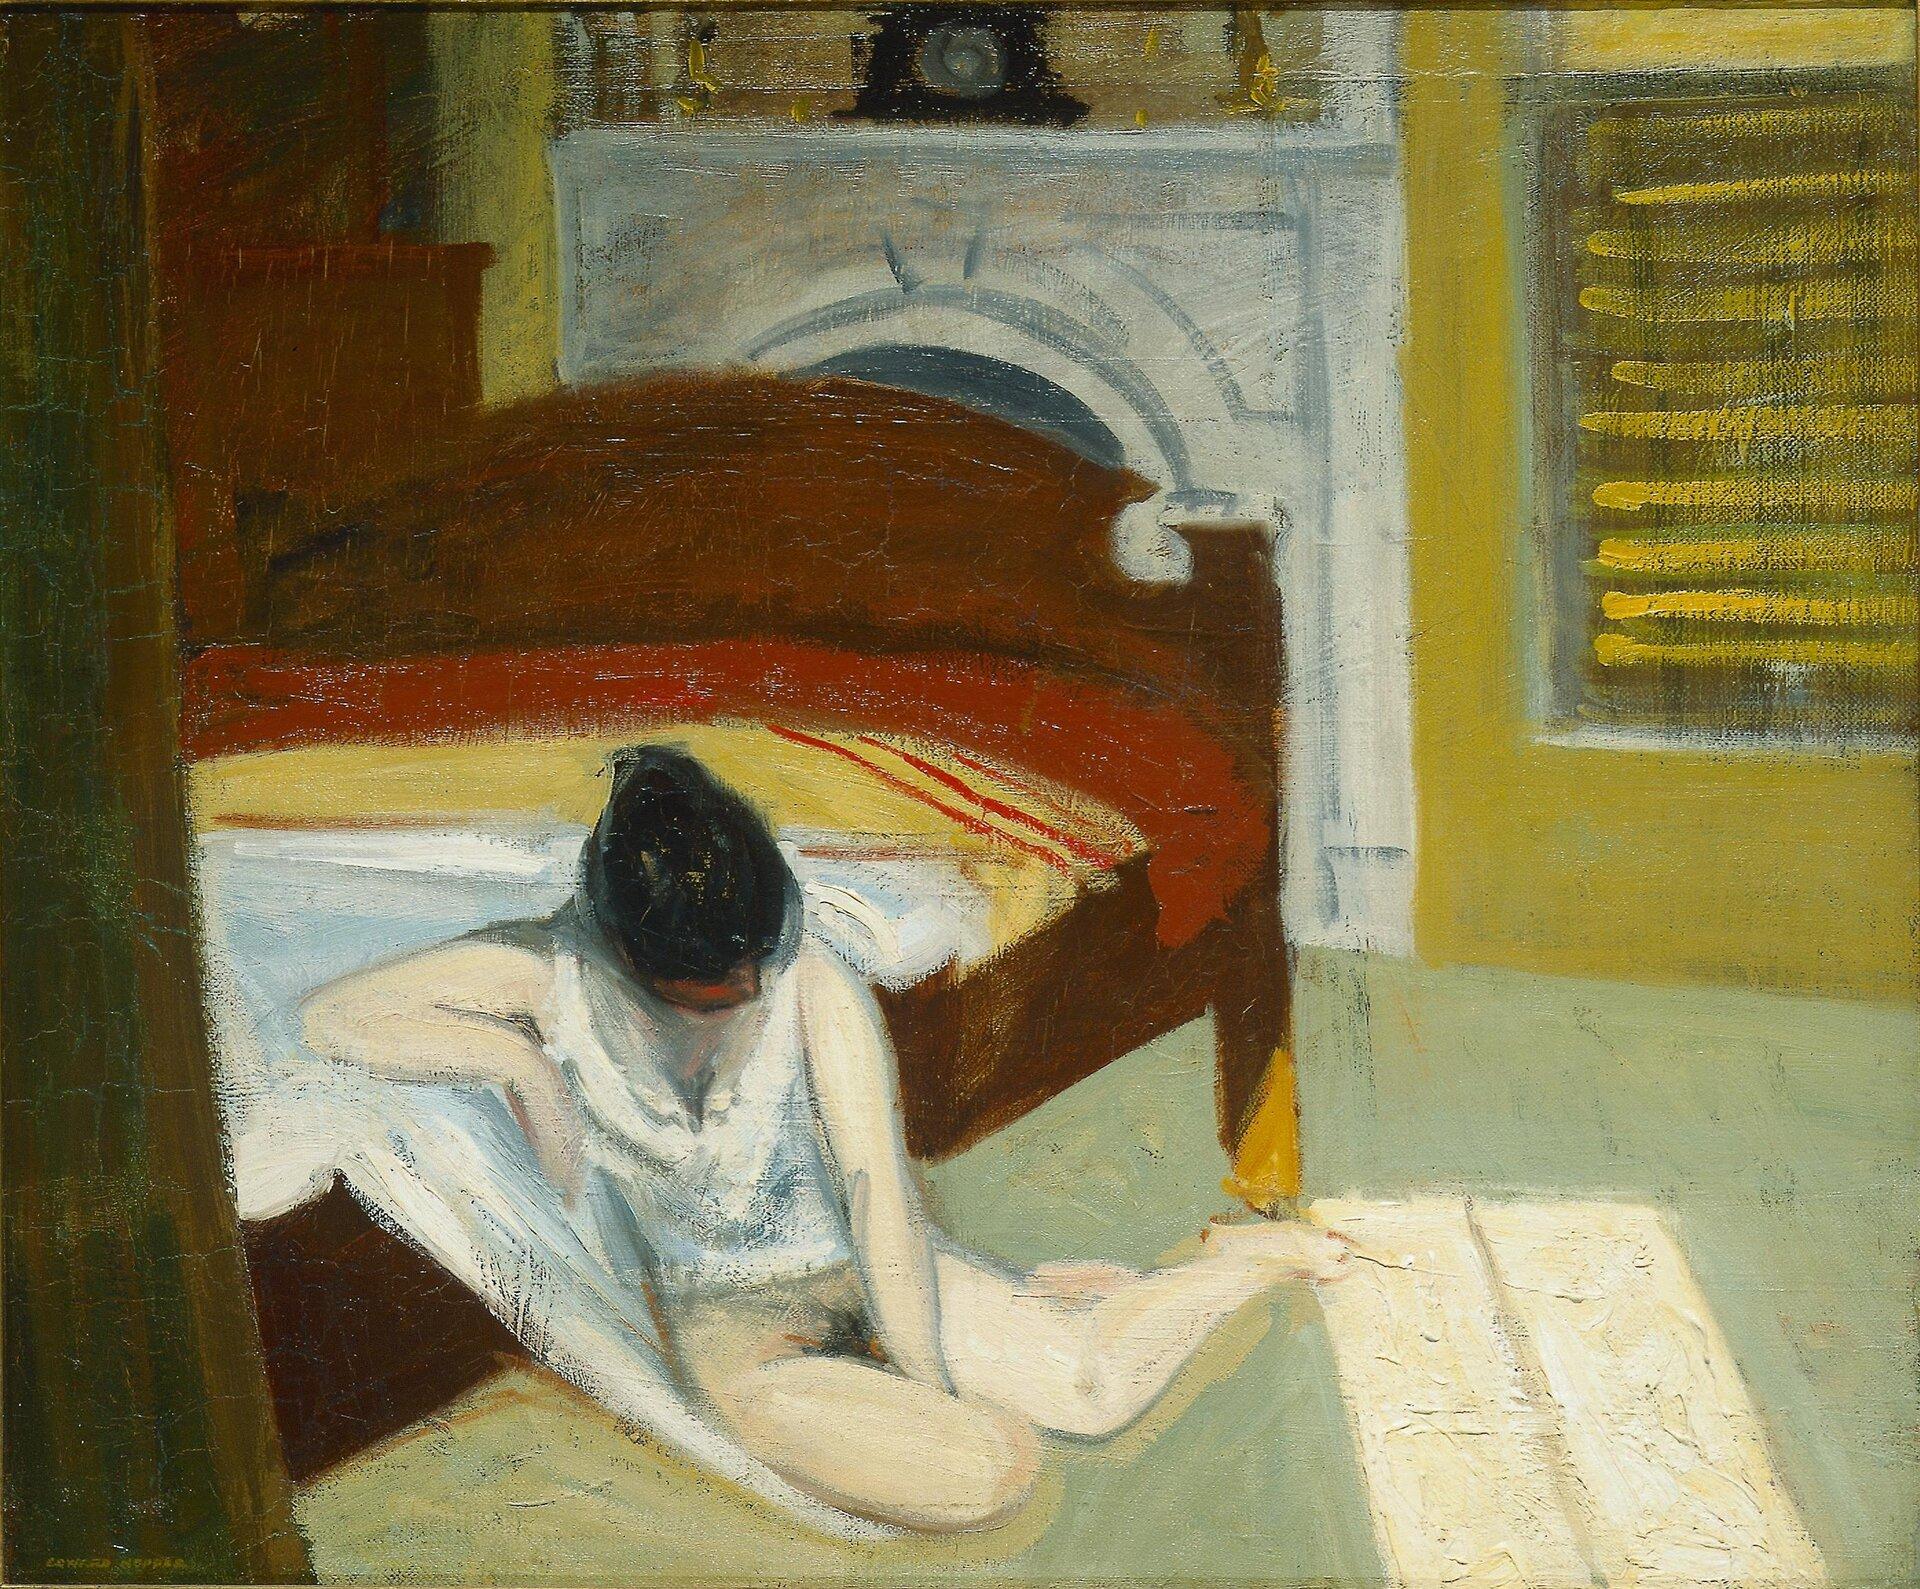 Summer Interior (Letnie wnętrze) EdwardHopper,SummerInterior [Letnie wnętrze], 1909, Whitney Museum of American Art, Nowy York Źródło: Summer Interior (Letnie wnętrze), domena publiczna.